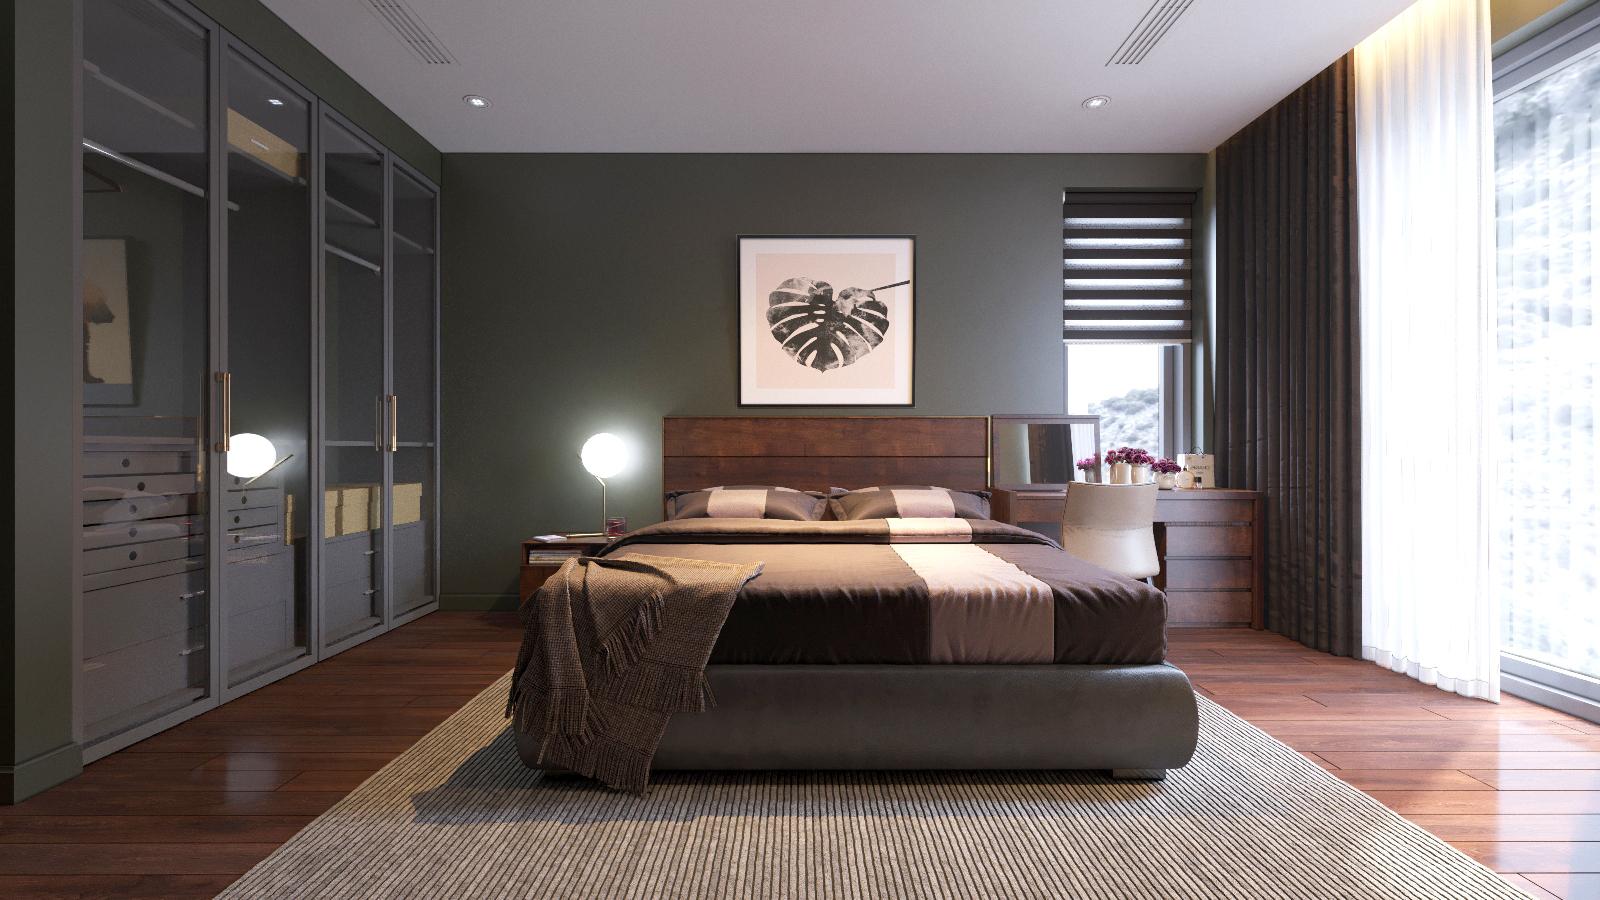 thiết kế Nội thất Biệt Thự 3 tầng biệt thự bt25 splendora mới (lakeside splendora)162